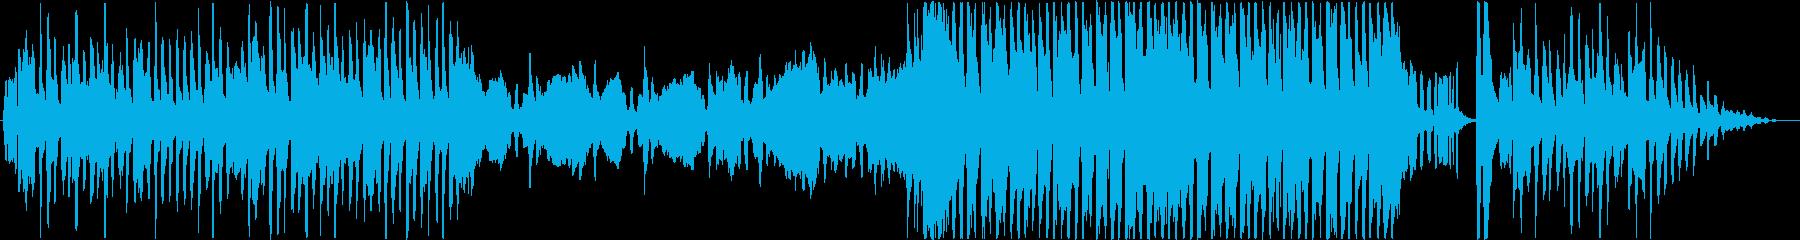 室内楽&ジャズの怪し可愛いハロウィン曲の再生済みの波形